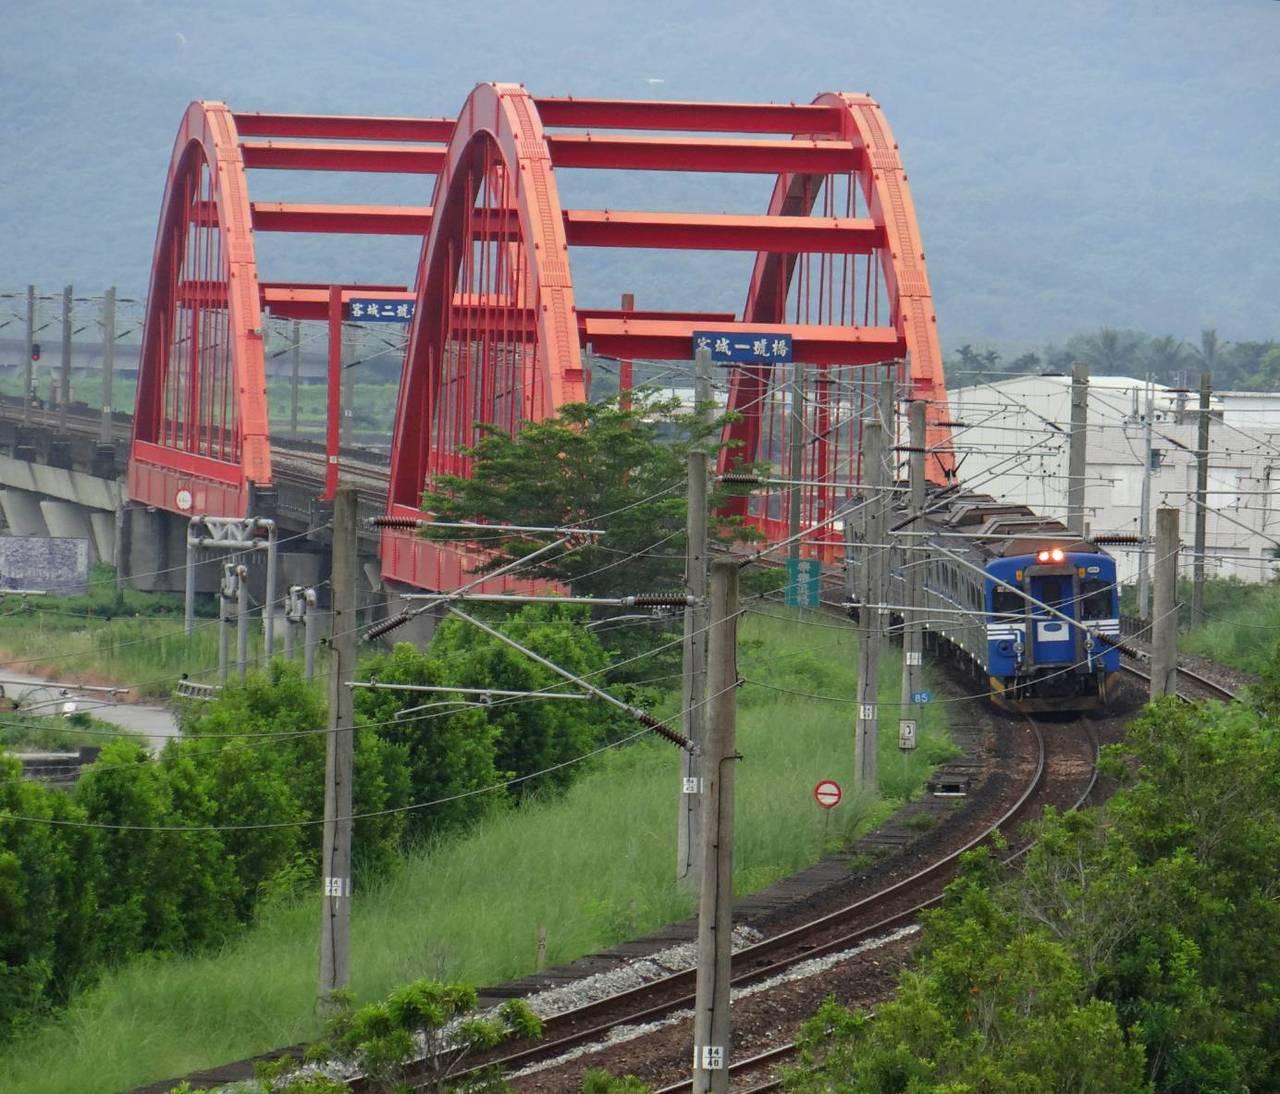 台鐵客城橋。圖/台鐵局提供、翁惠平攝影